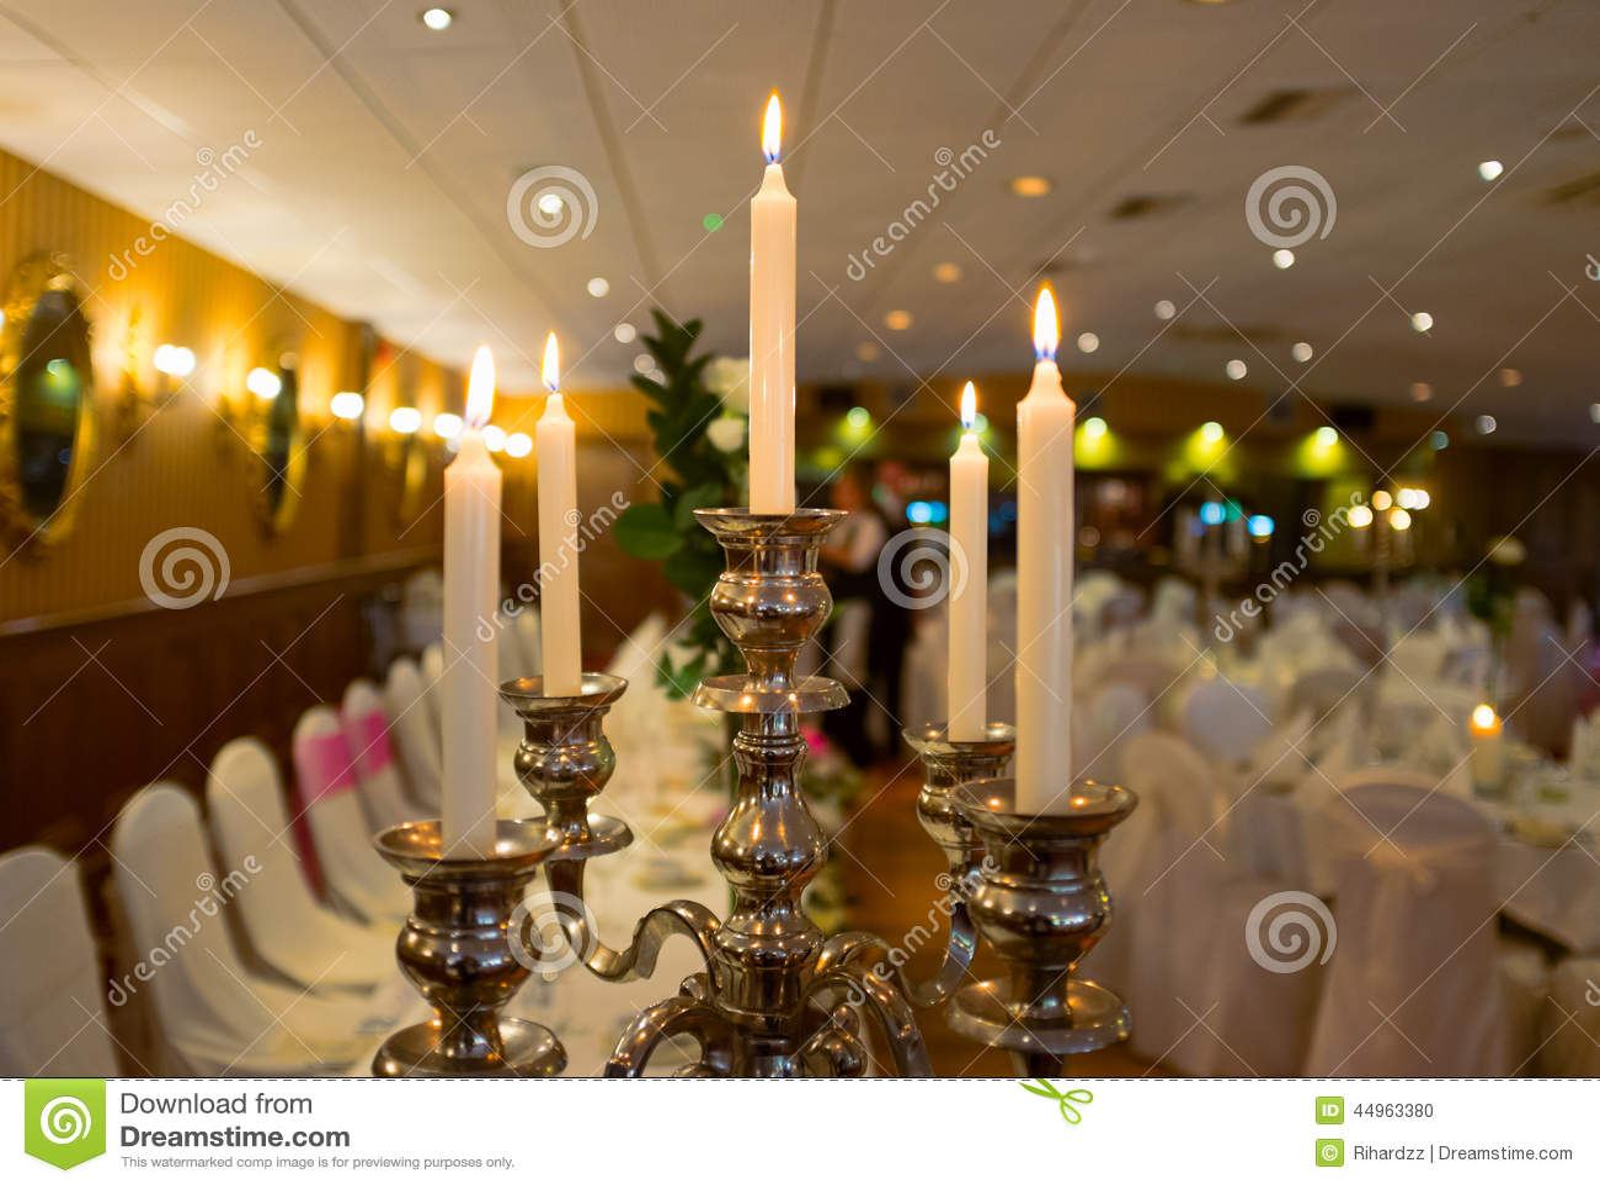 bougies dans le restaurant de luxe photo stock image. Black Bedroom Furniture Sets. Home Design Ideas